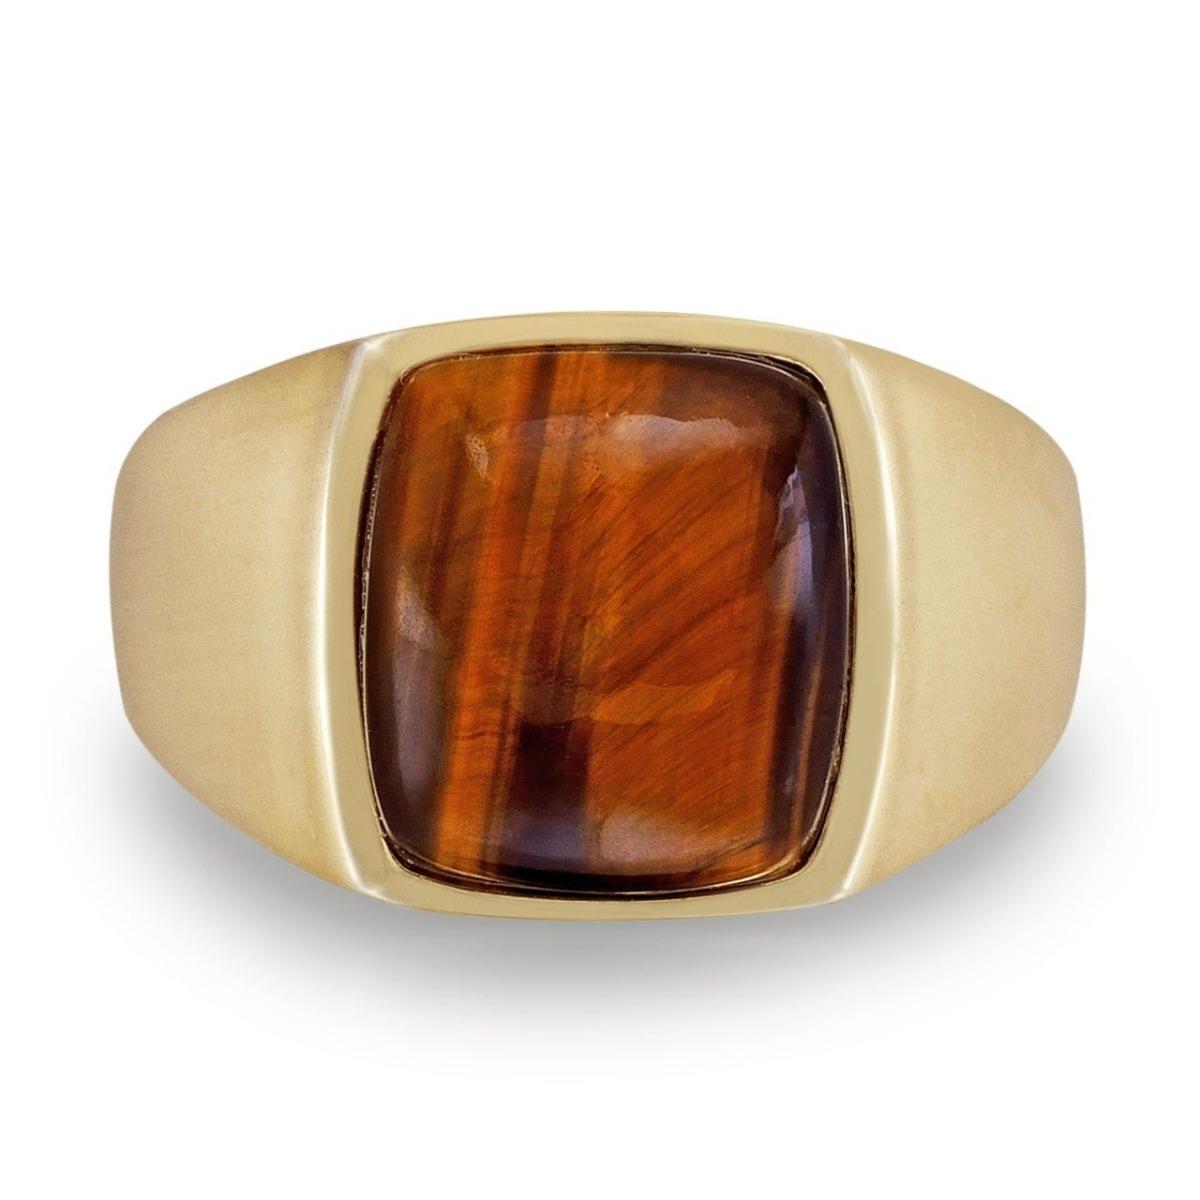 Gemstone signet ring